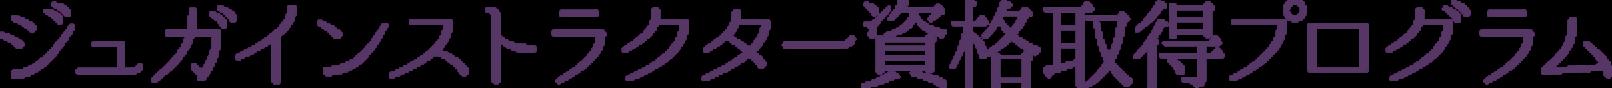 ジュガインストラクター資格取得プログラム